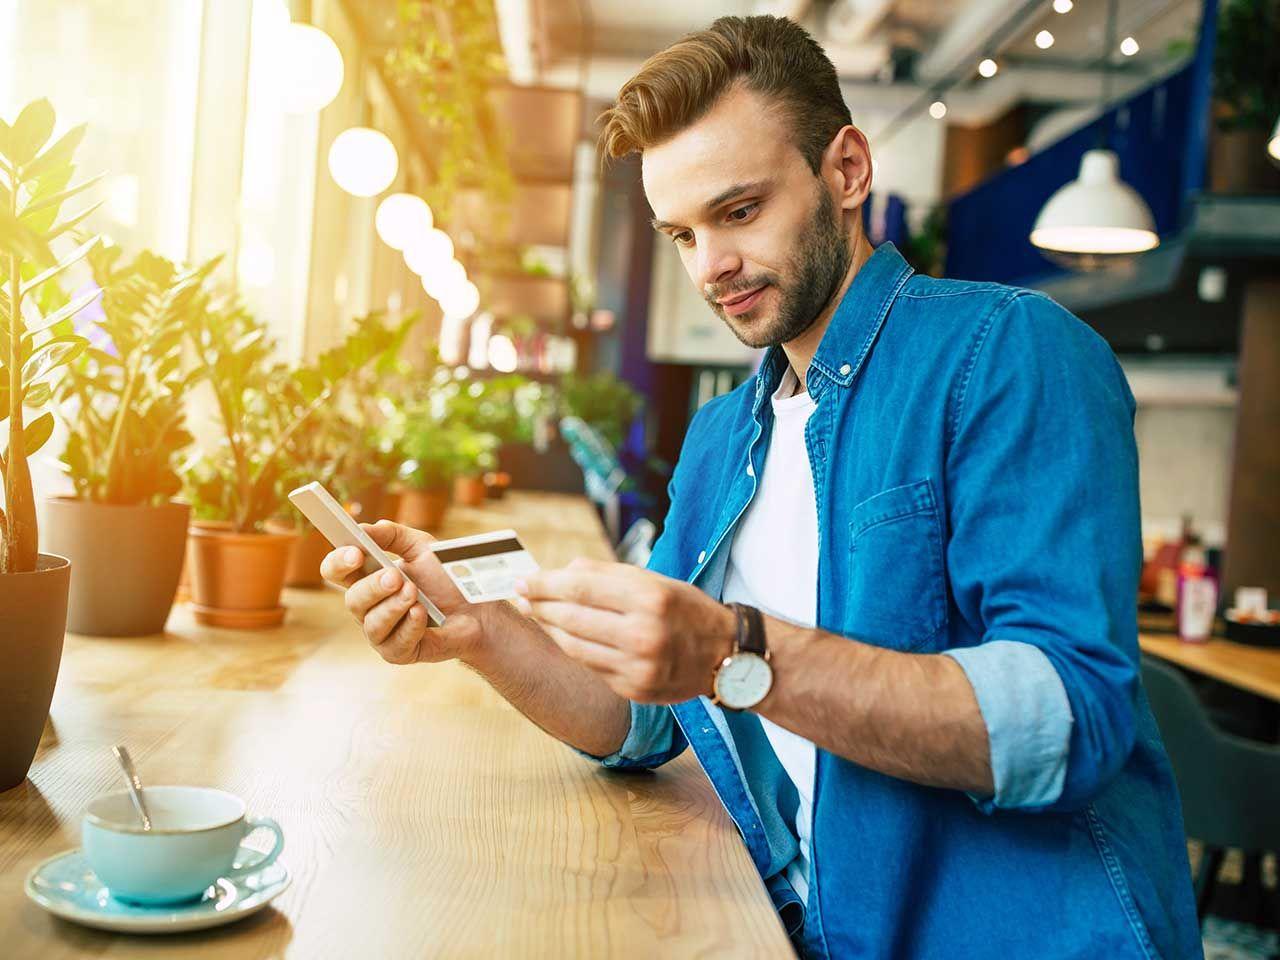 Un client en ligne paie en ligne via son smartphone